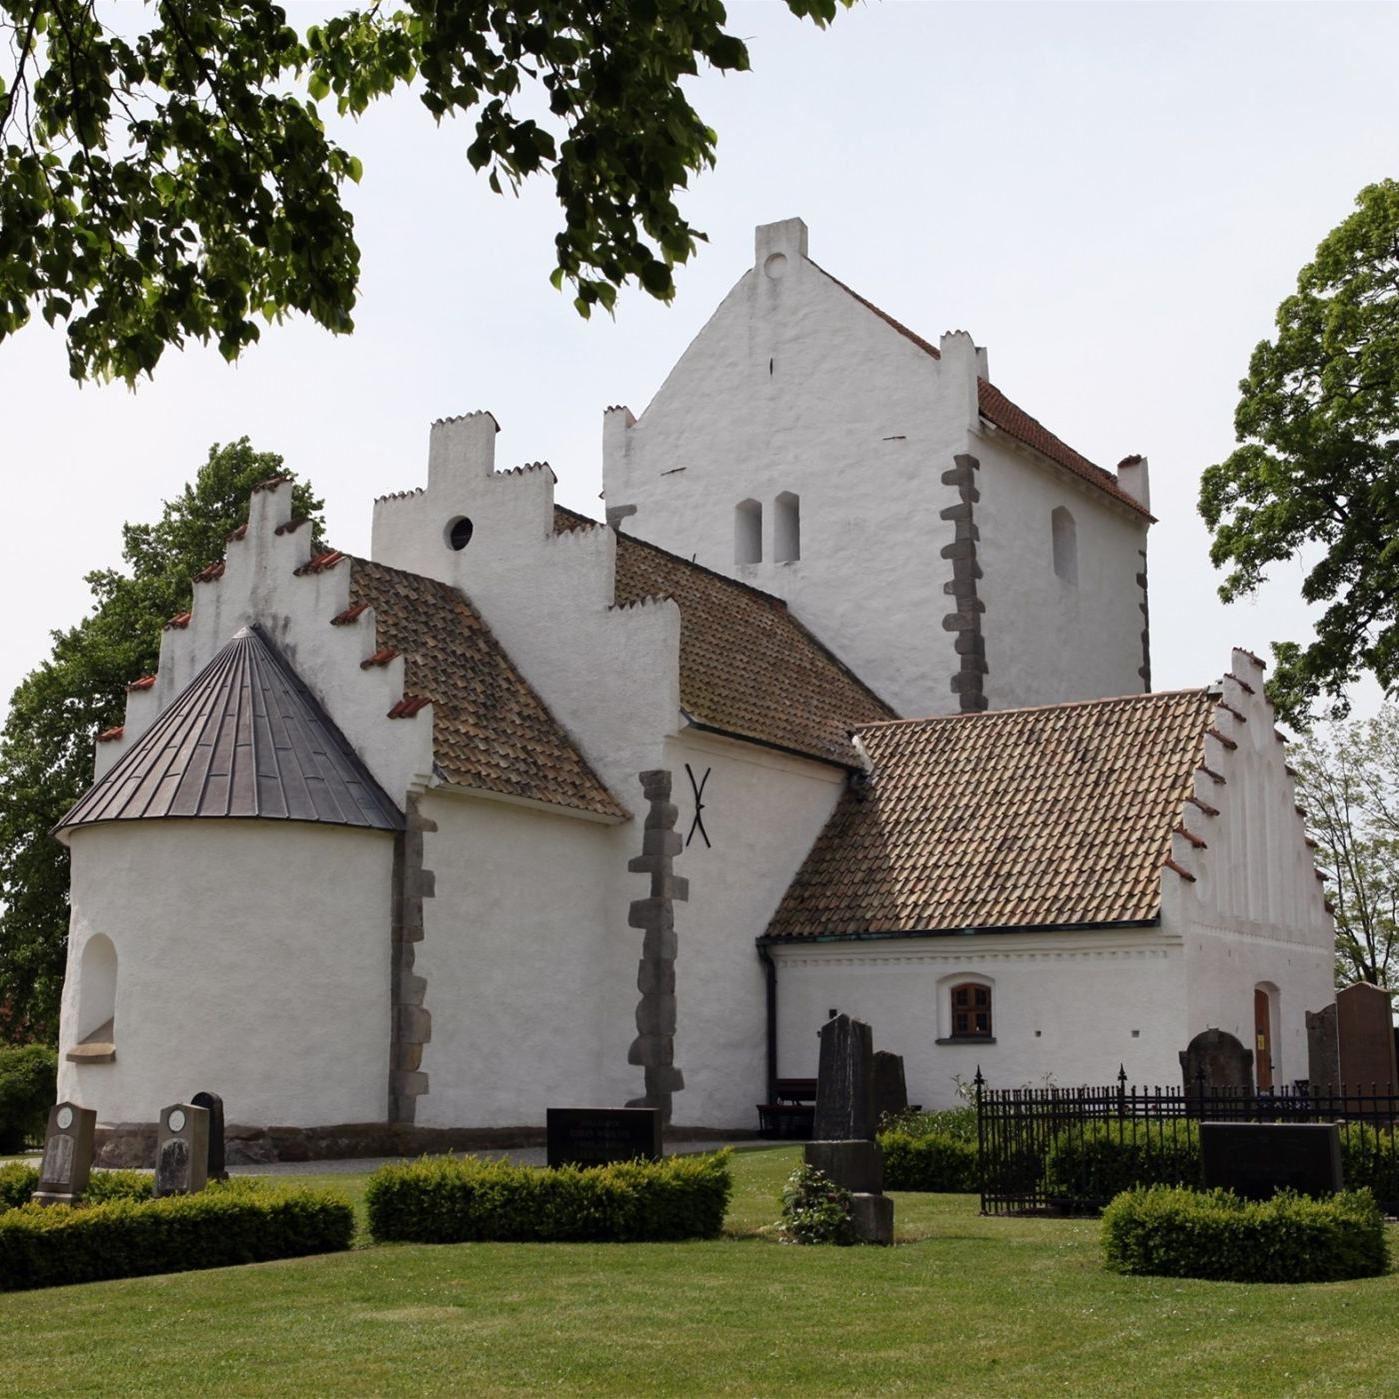 © Kävlinge kommun, Kävlinge Gamla kyrka